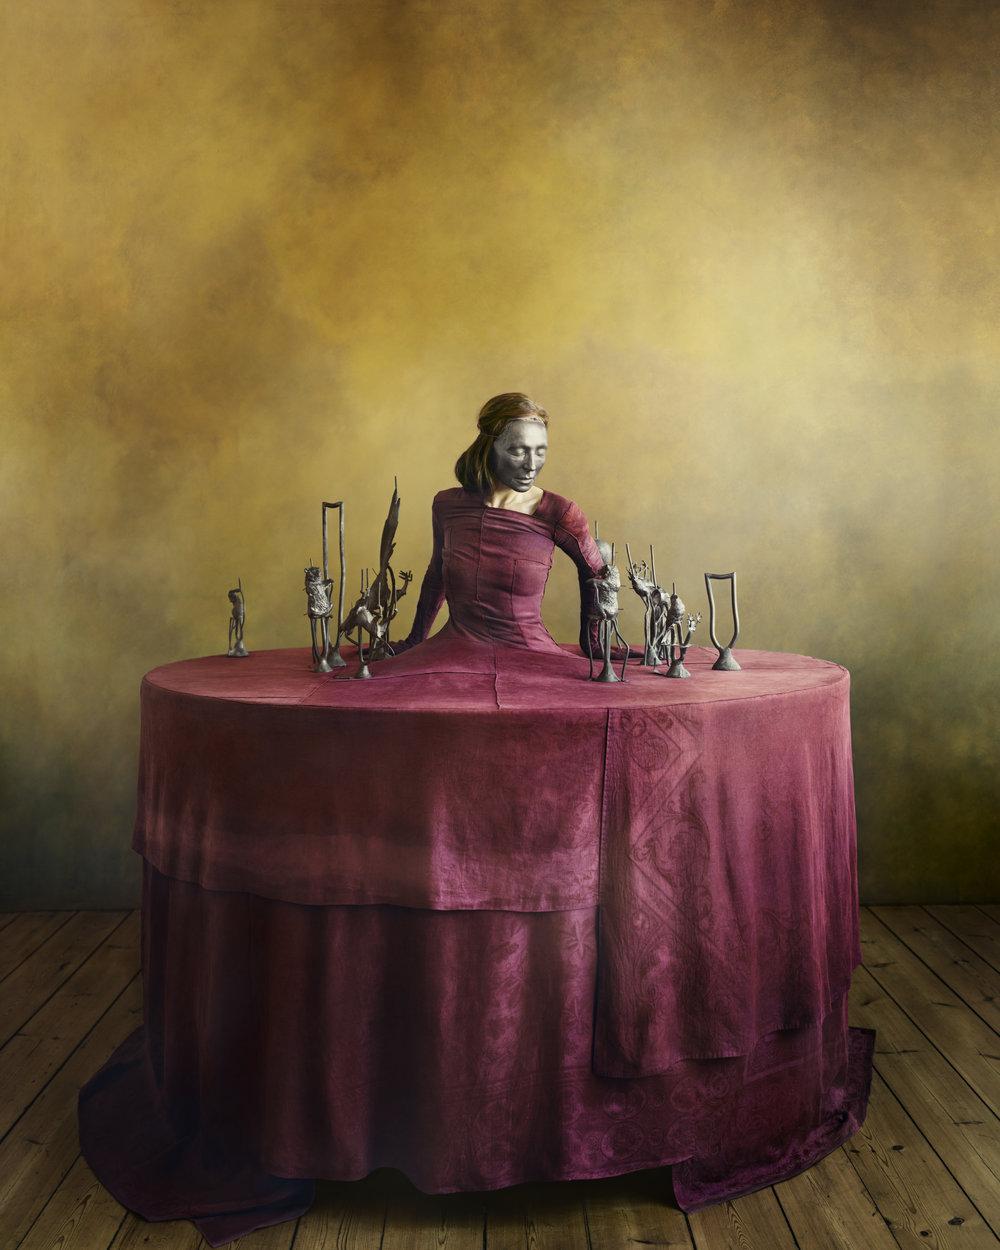 Denise Grünstein   Renaissance Red, 2018  C-Print  150 x 120 cm Edition 3 + 2 AP  56 x 45 cm Edition 6 + 2 AP